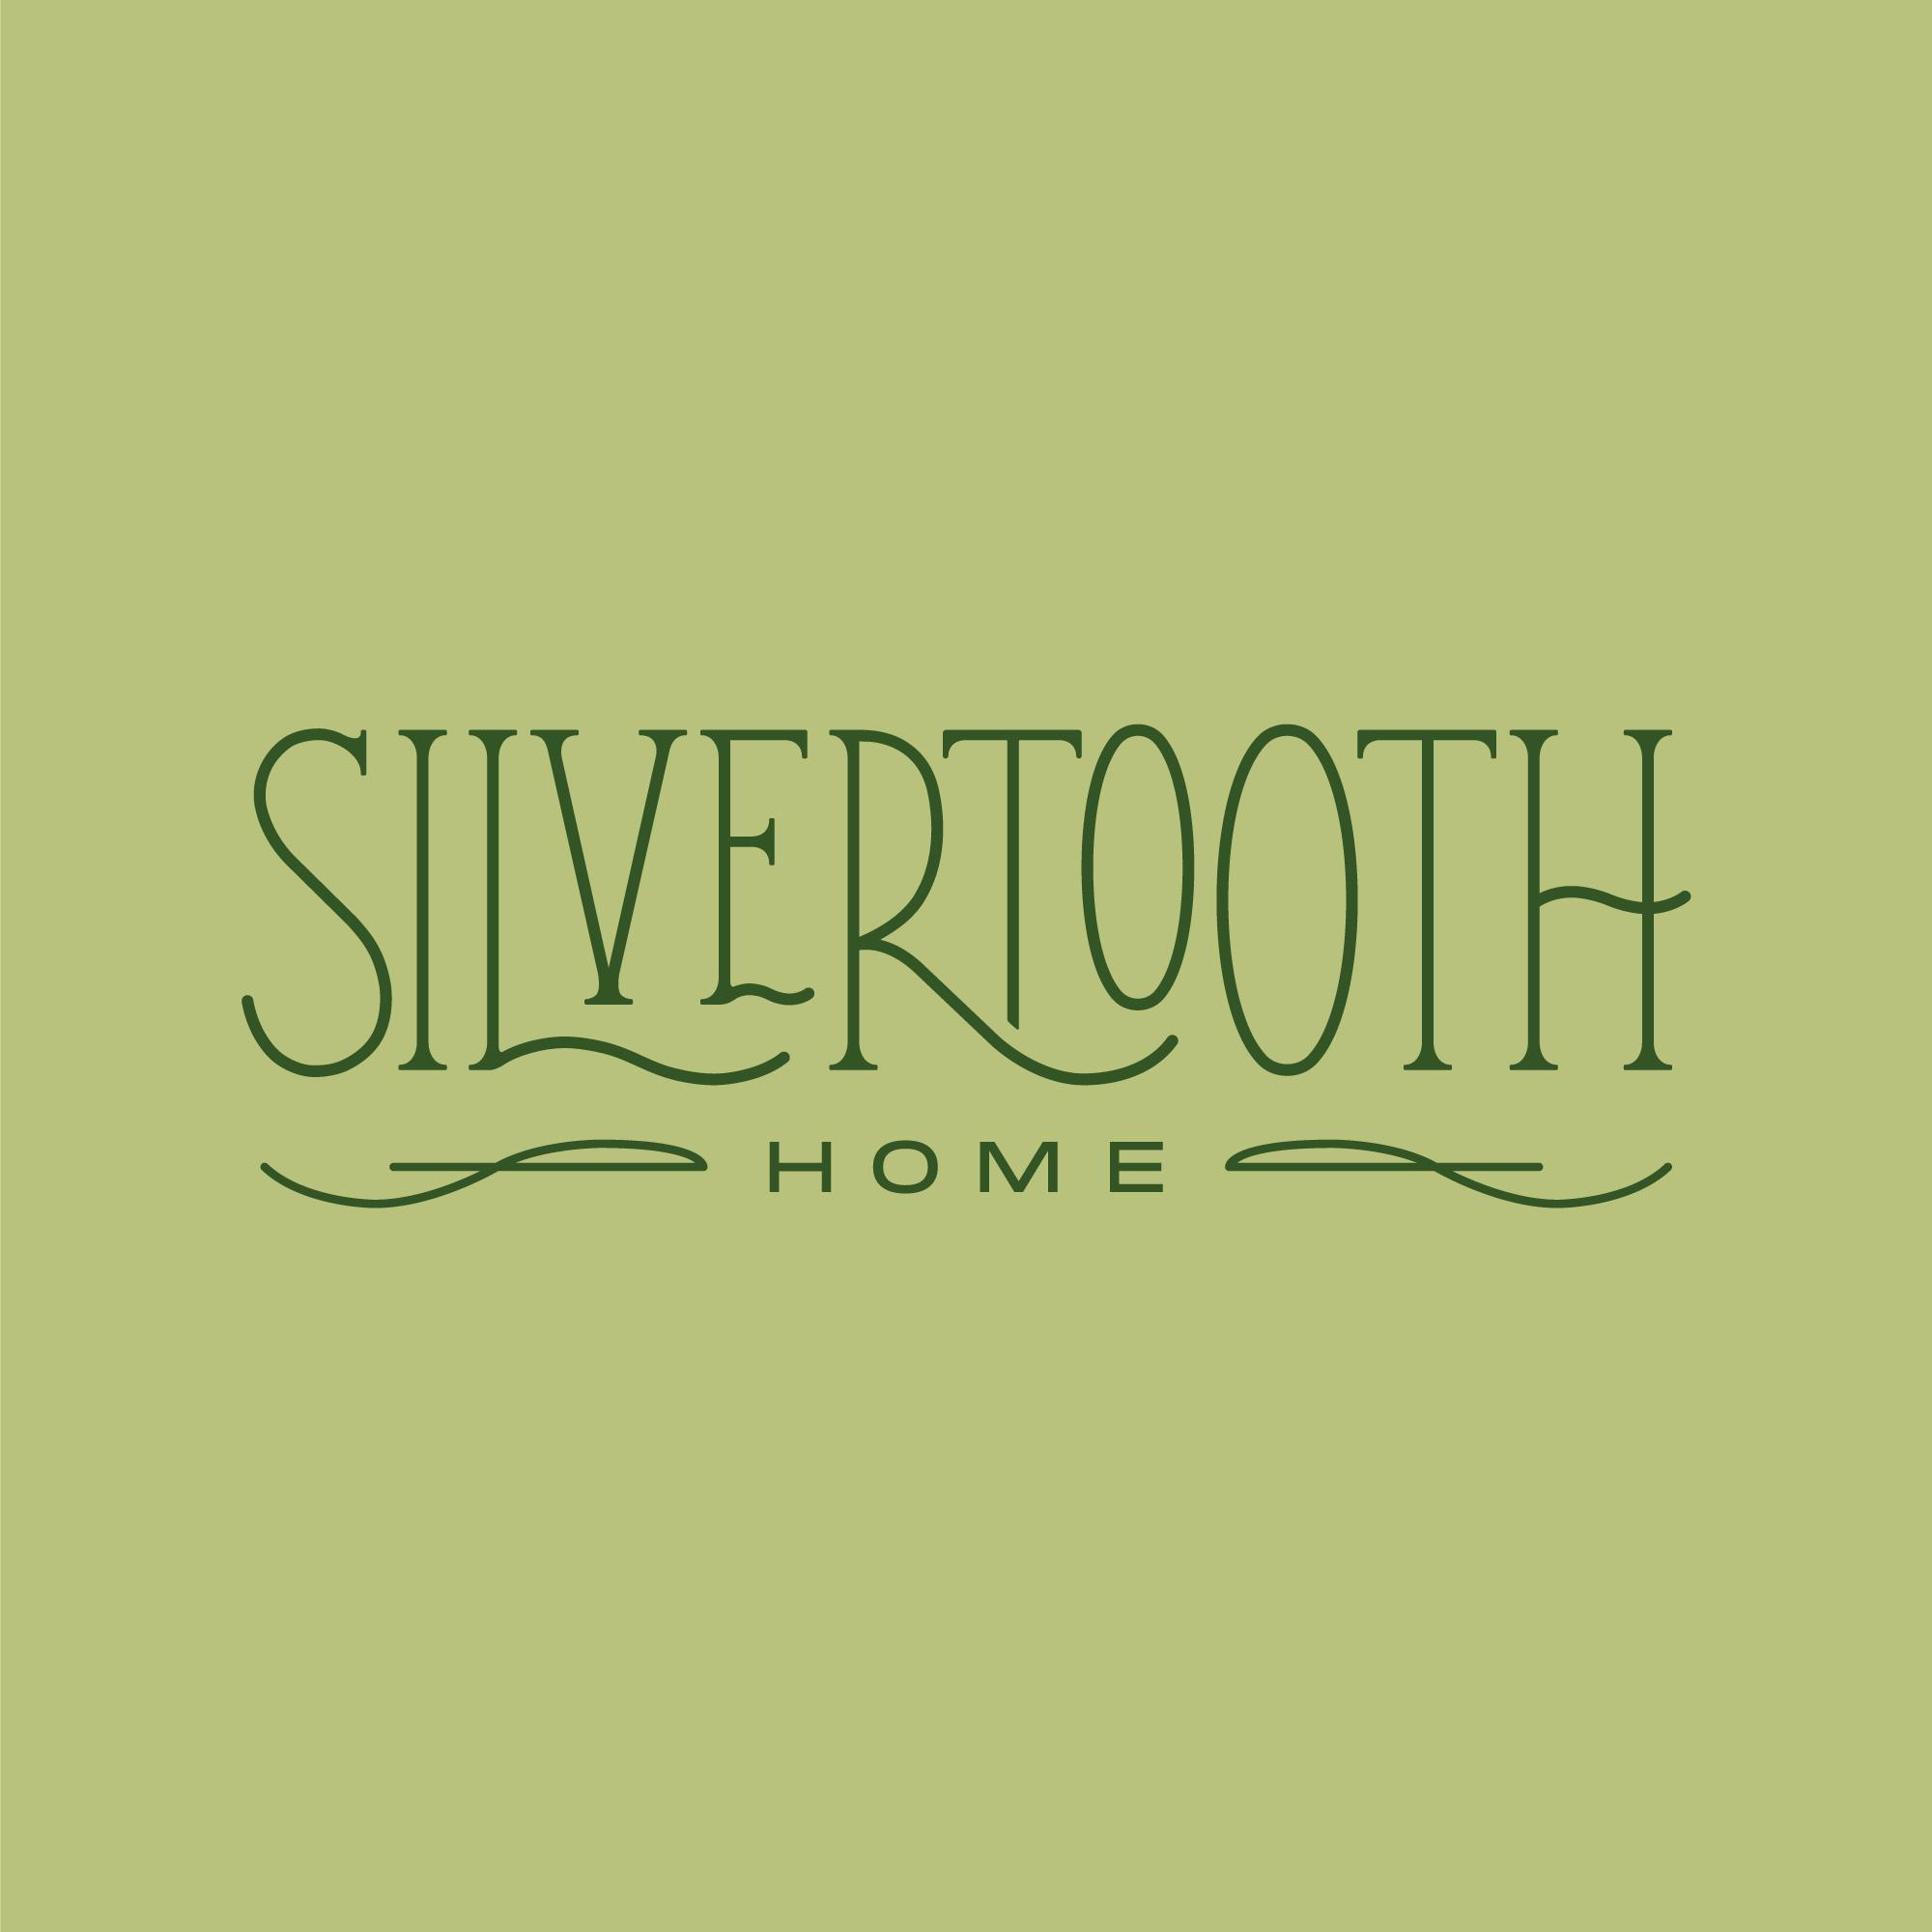 Silvertooth-Home_Logo_Social_Final-3